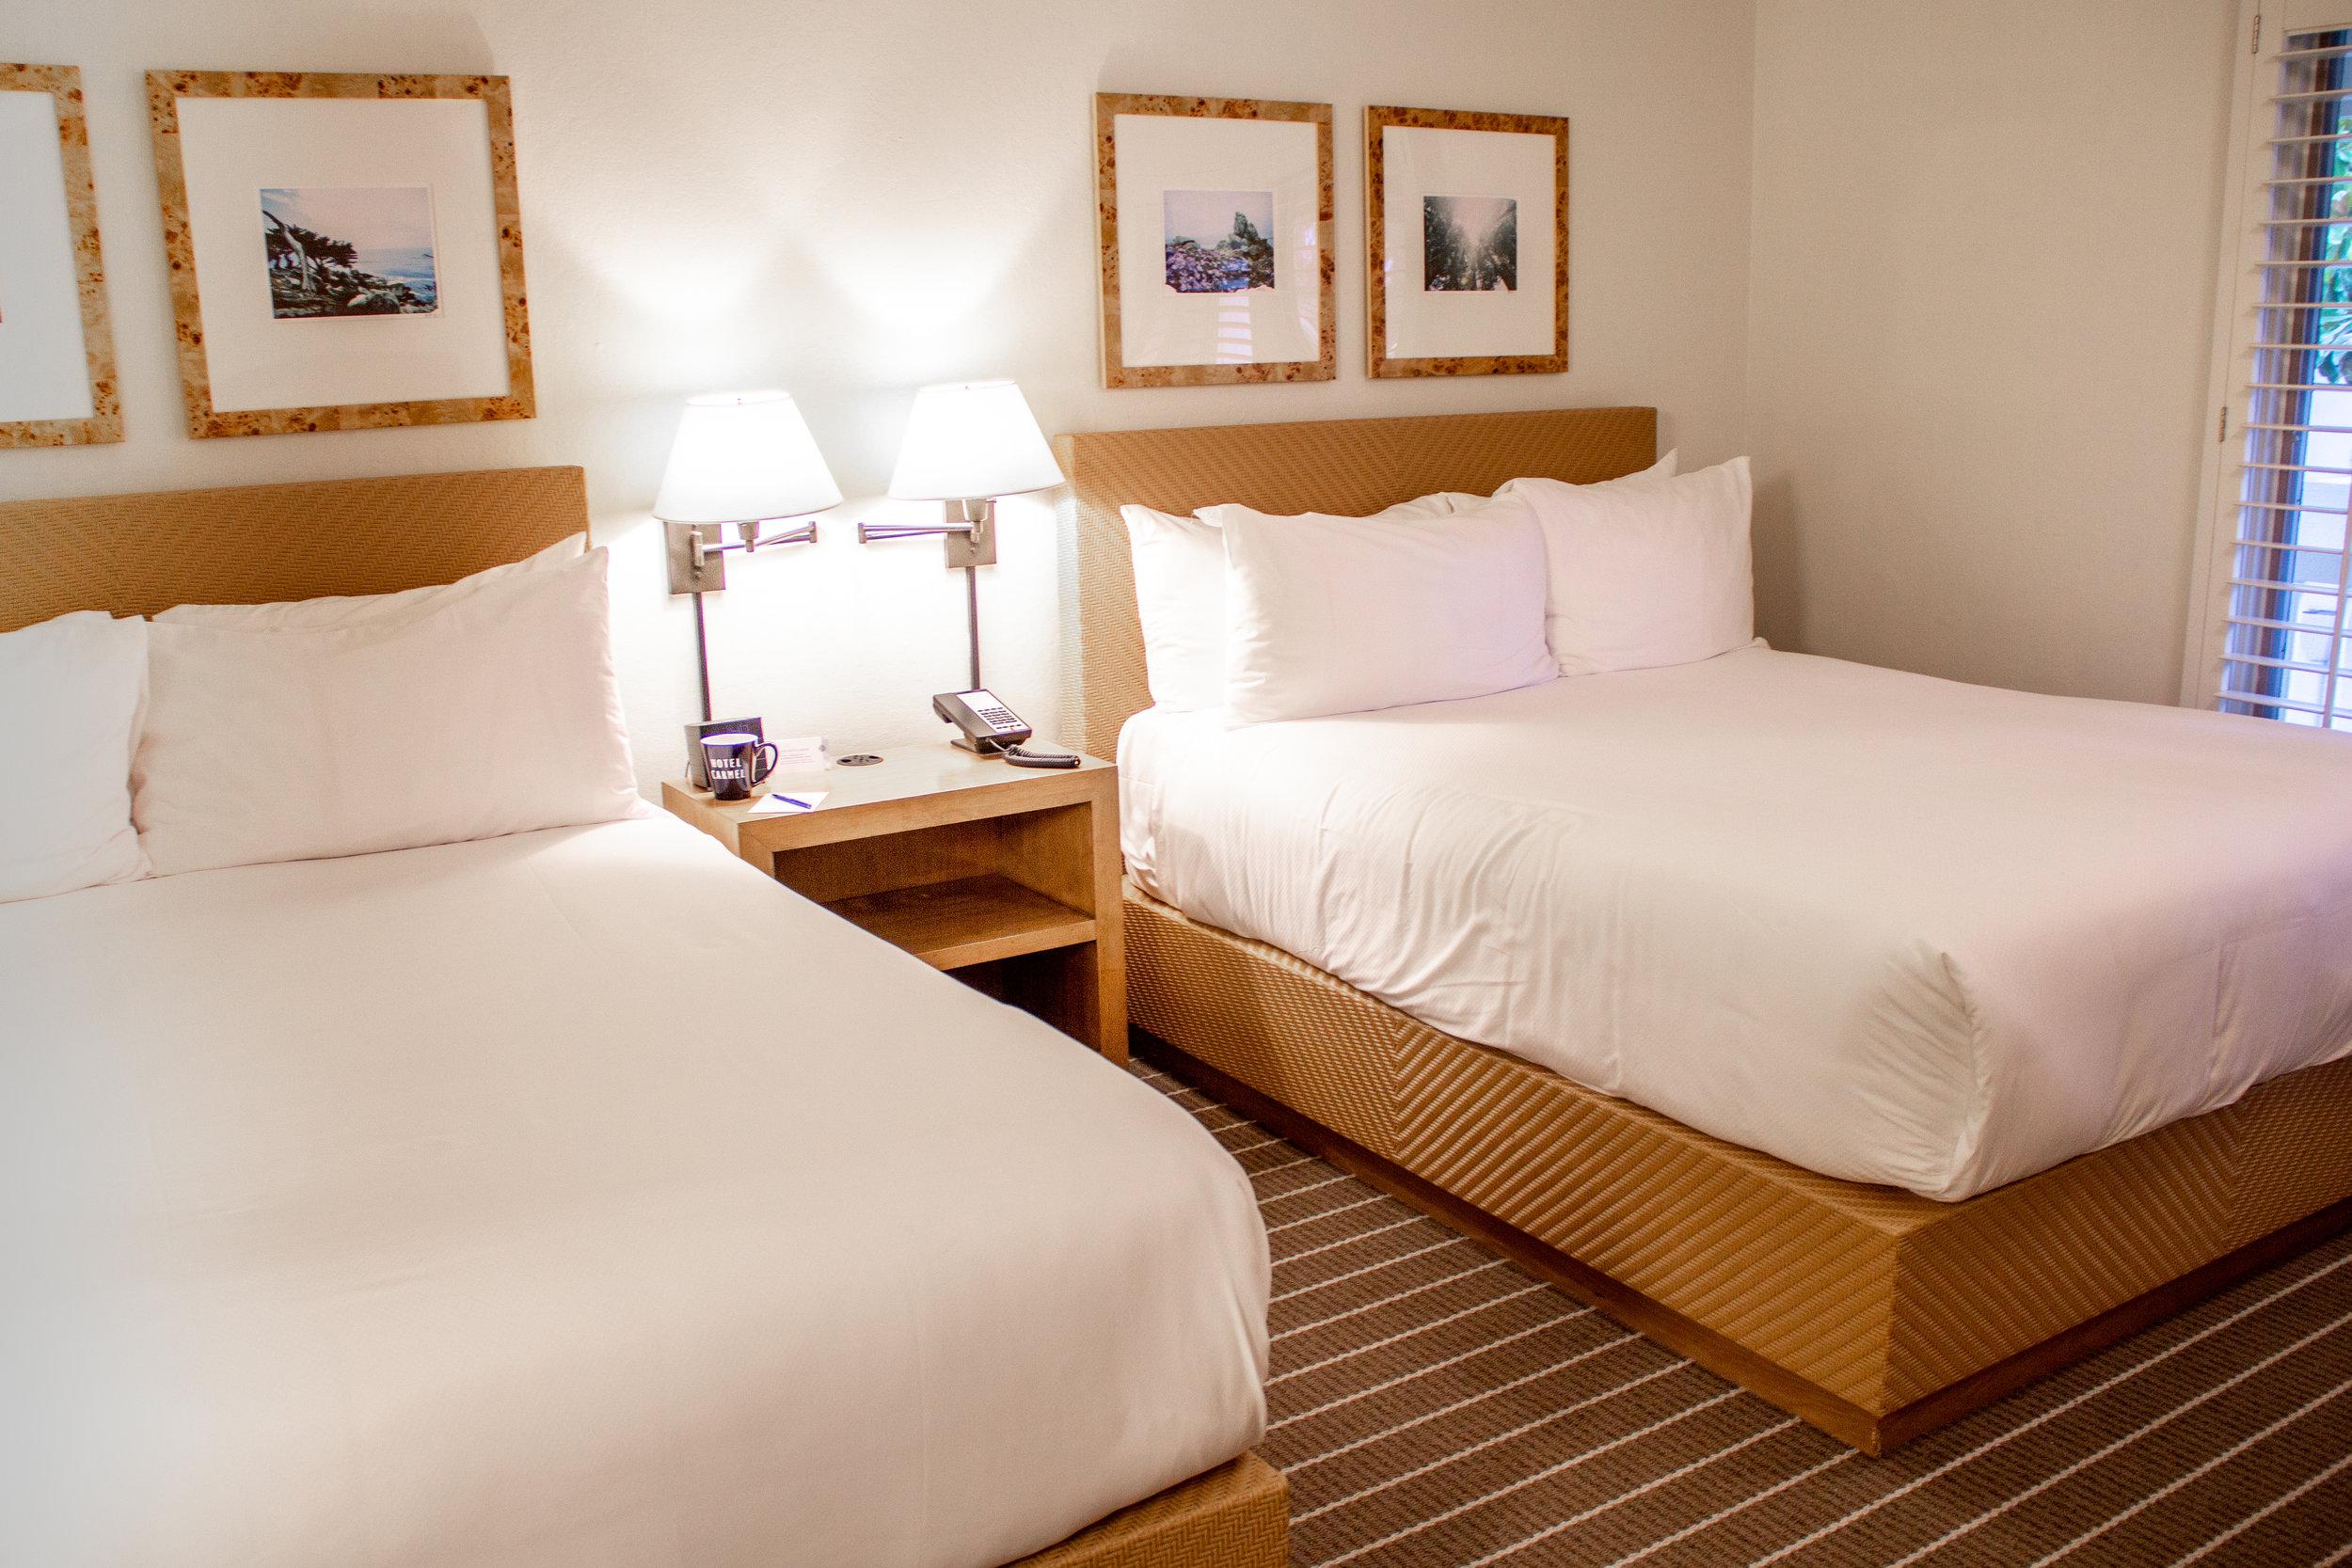 Hotel Carmel Room Photo